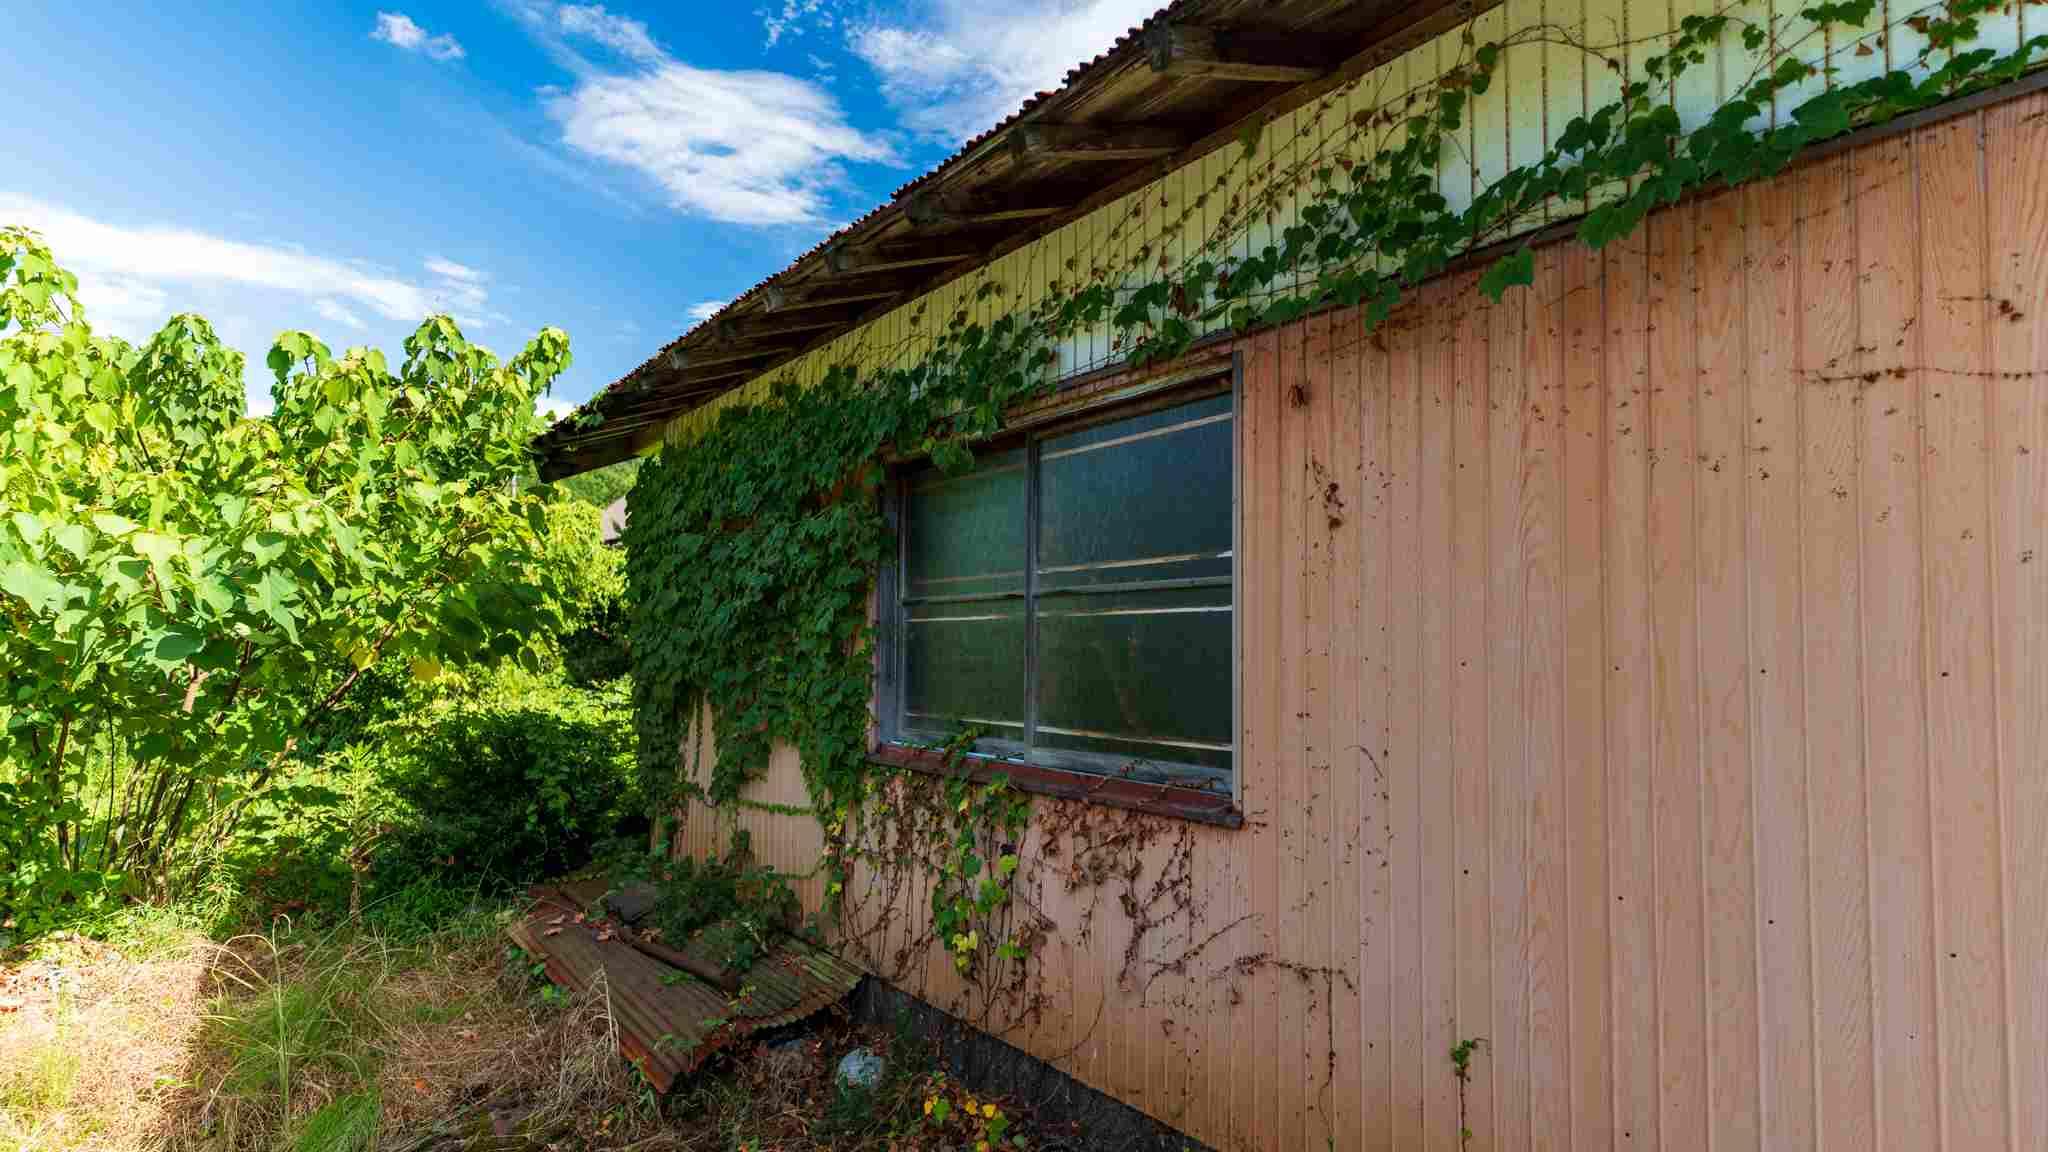 築古アパートが…日本の家が「急速に捨てられている」恐ろしさ